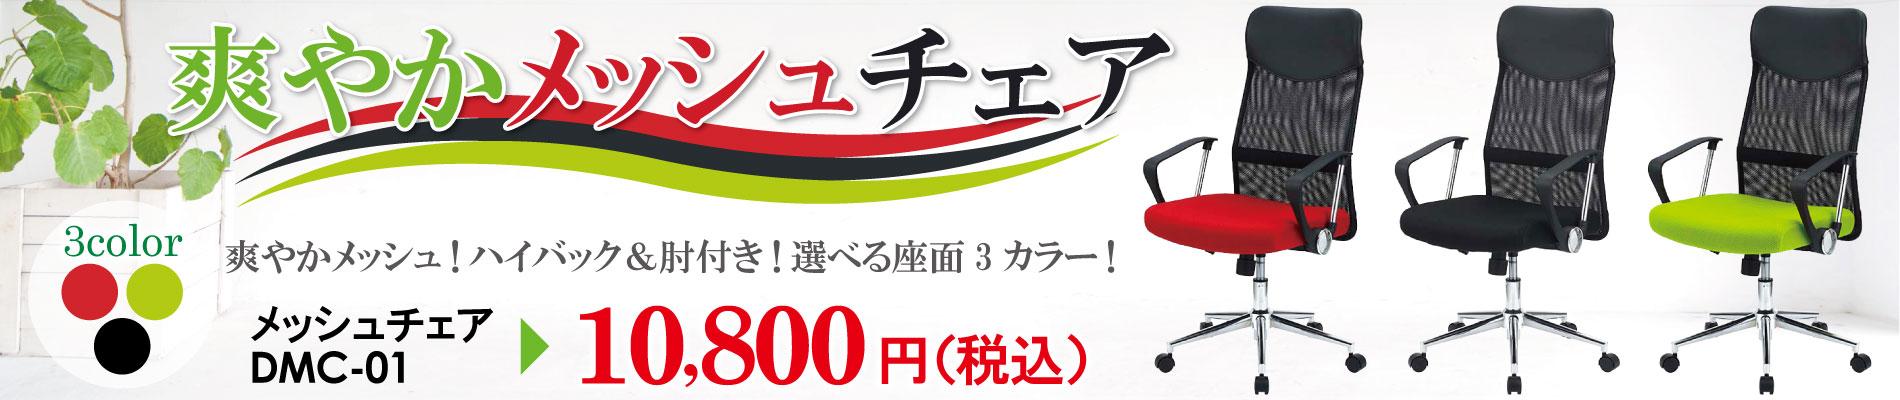 爽やかメッシュチェア DMC-01 10,800円(税込)